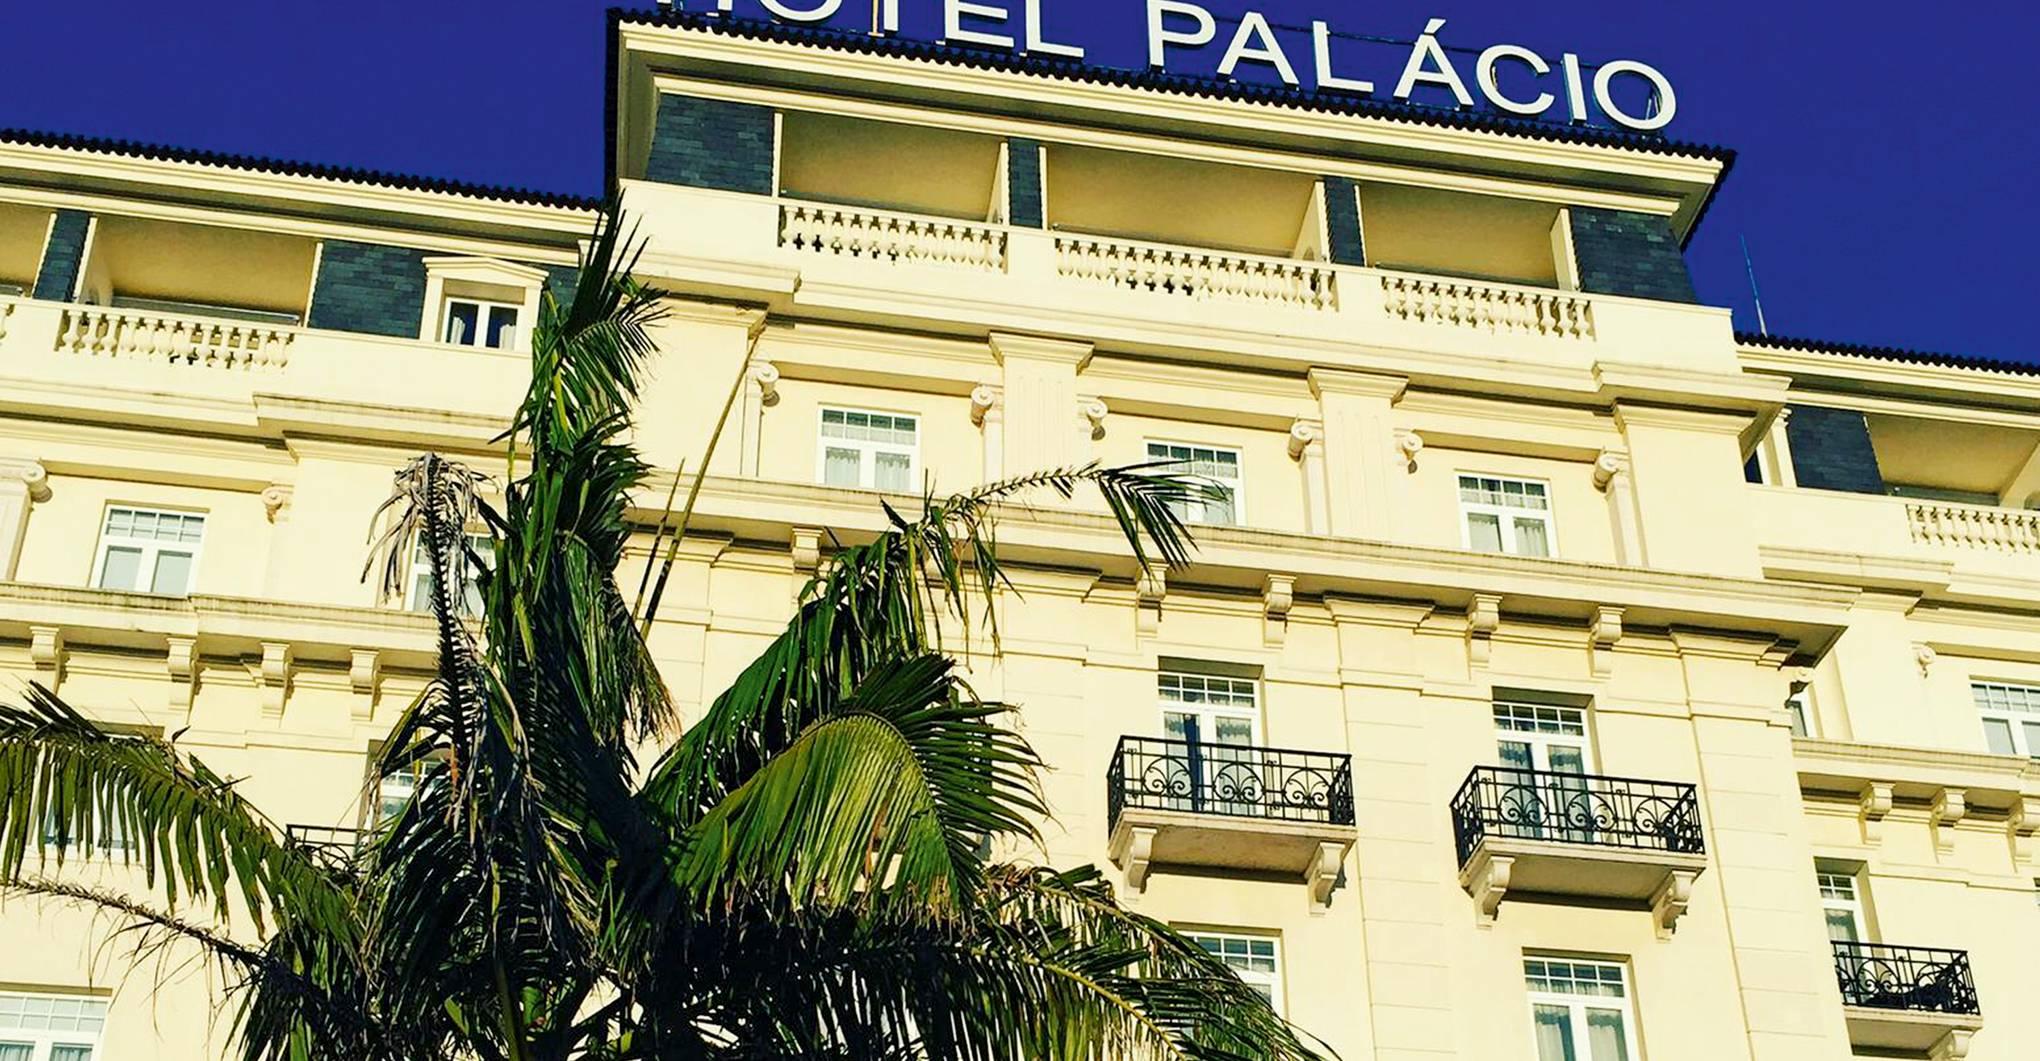 Hotel Palacio Estoril, Portugal: spa review